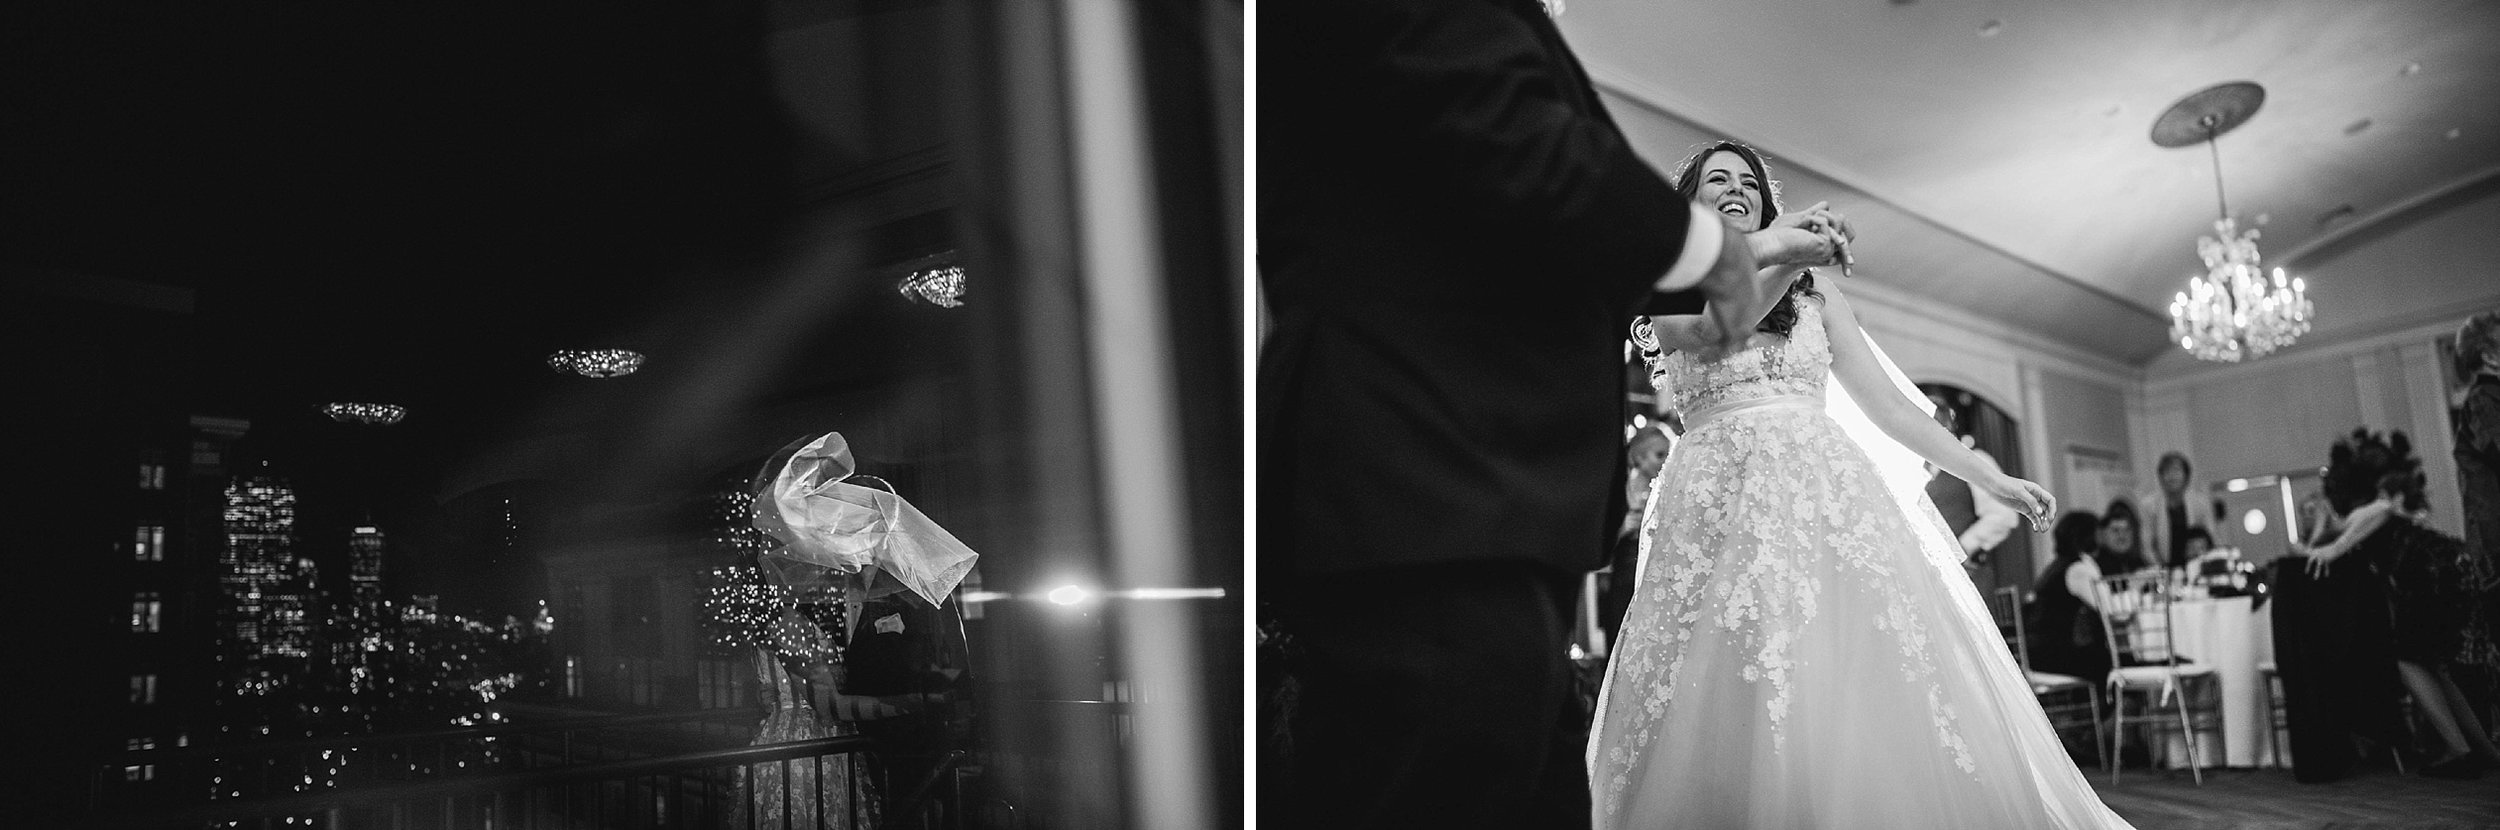 Omni-parker-wedding-63.jpg